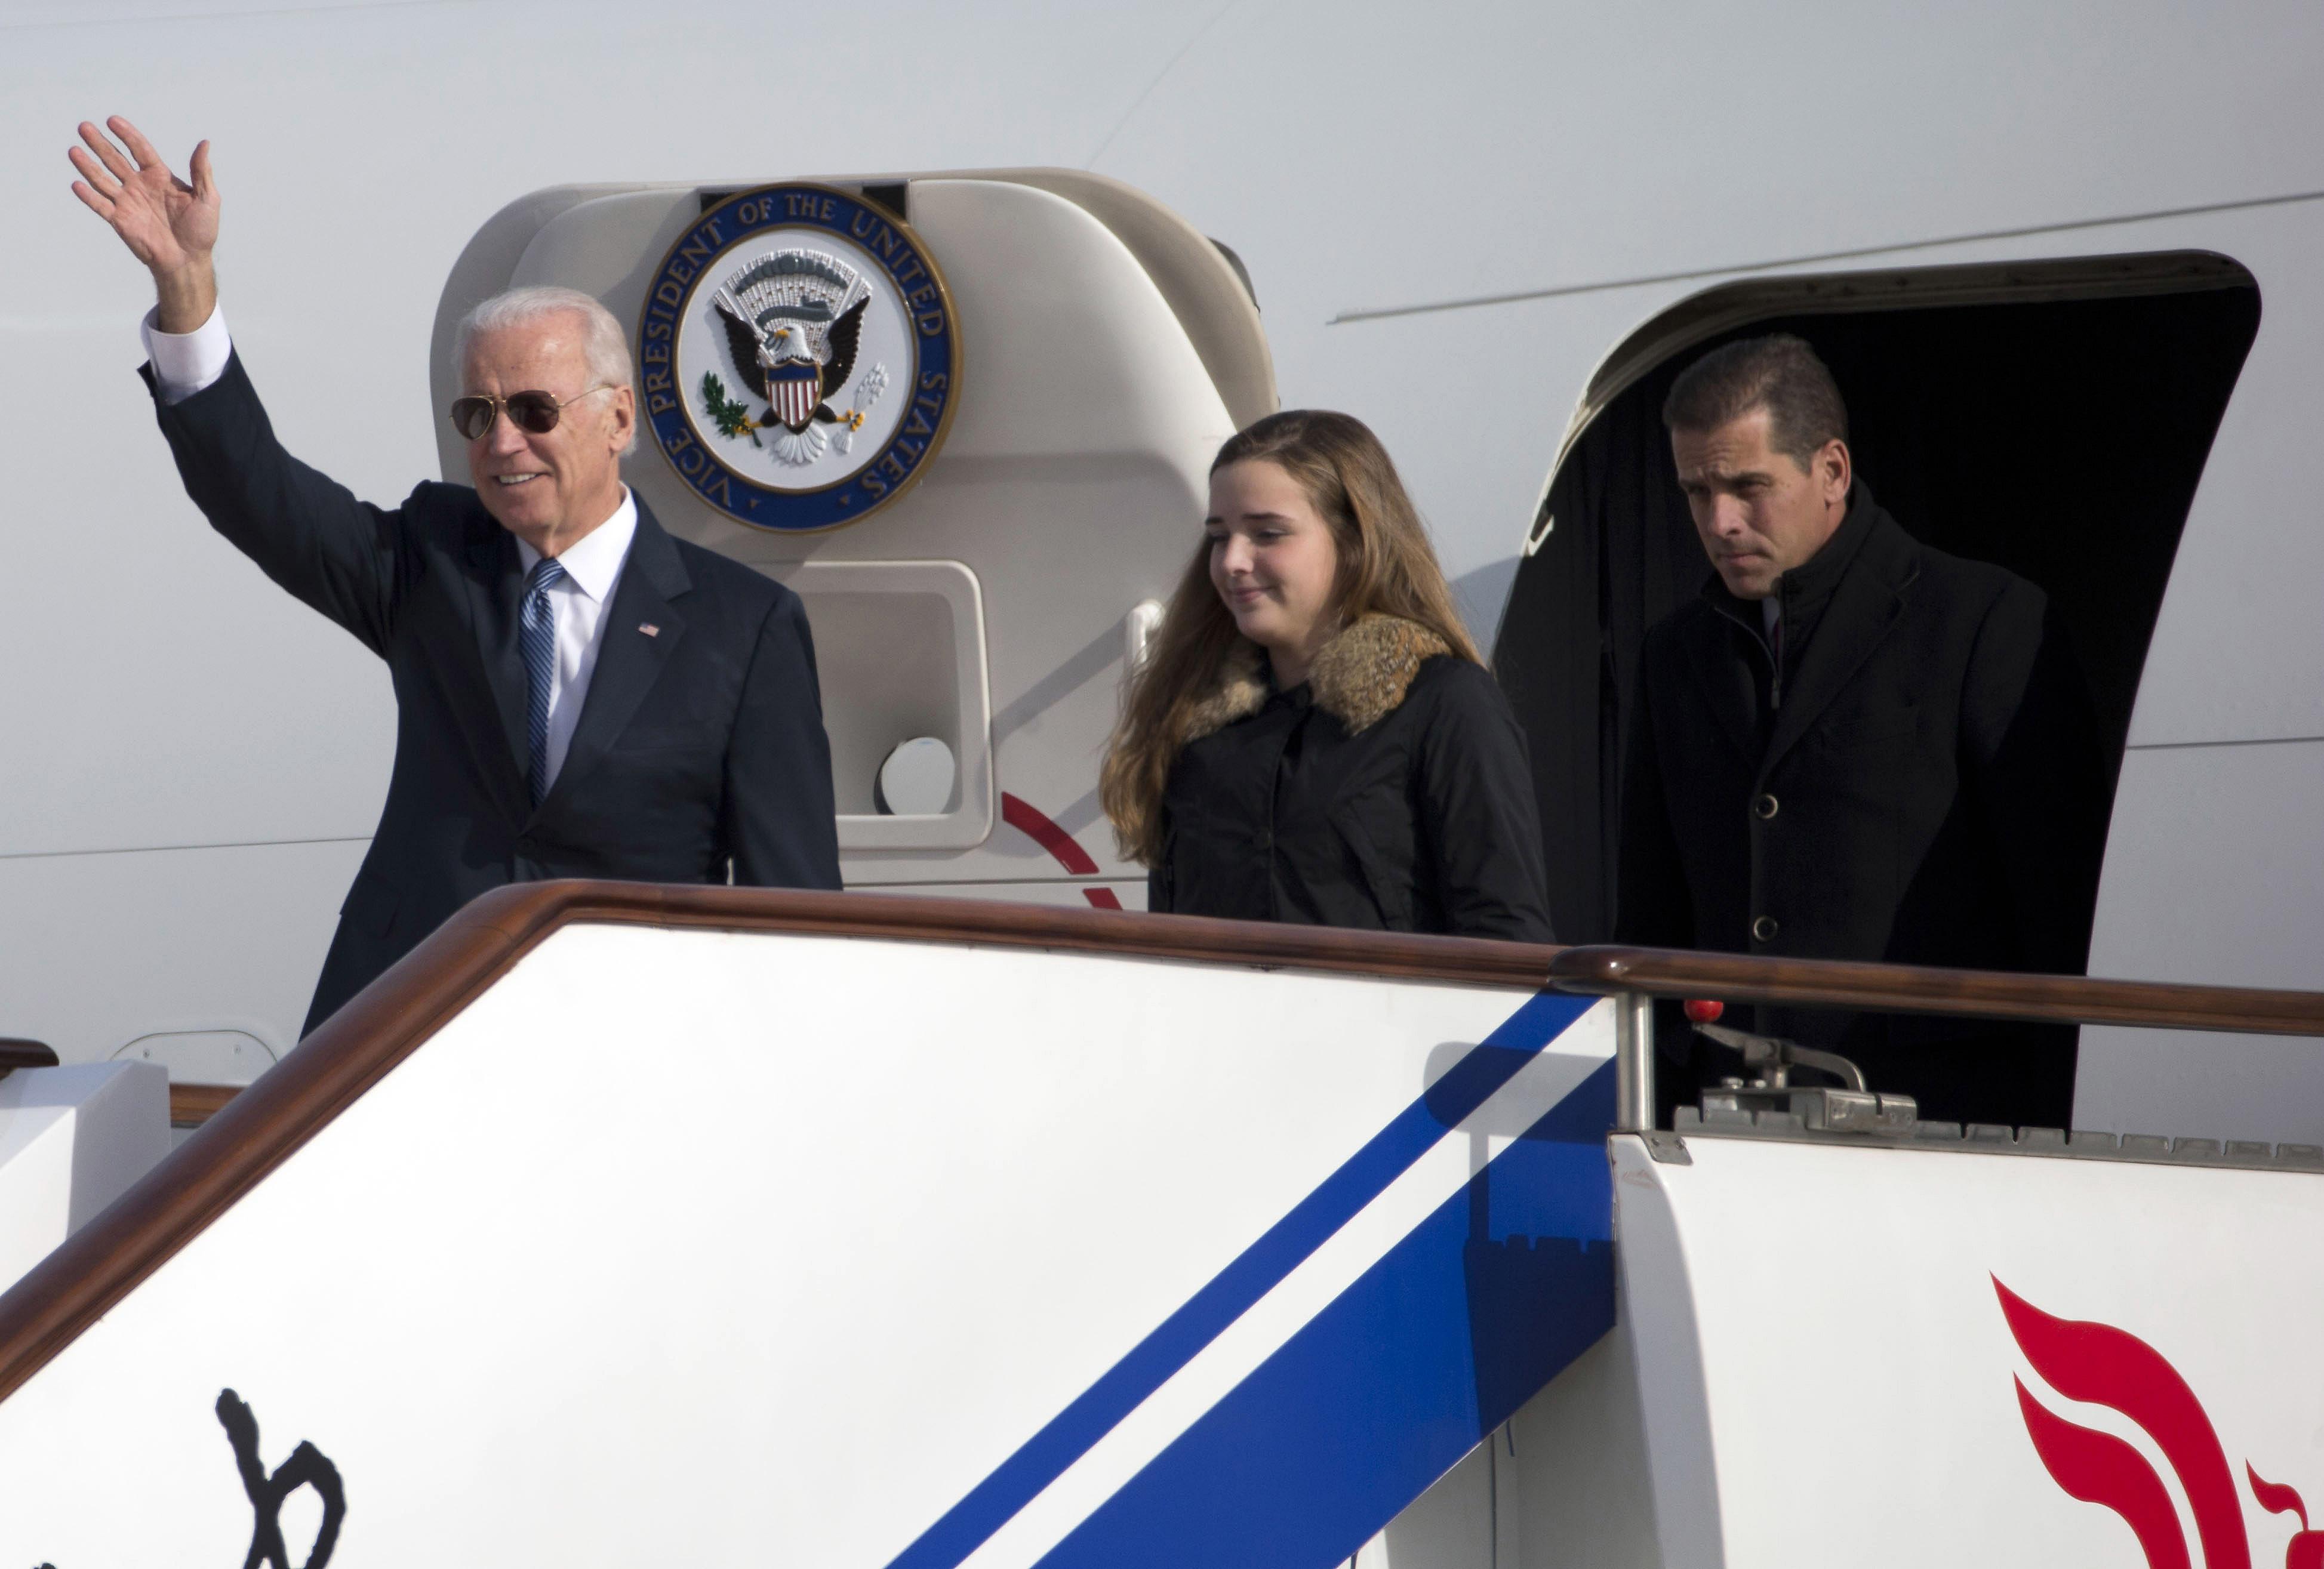 Vice President Joe Biden with his granddaughter Finnegan Biden and son Hunter Biden on Dec. 4, 2013 in Beijing.